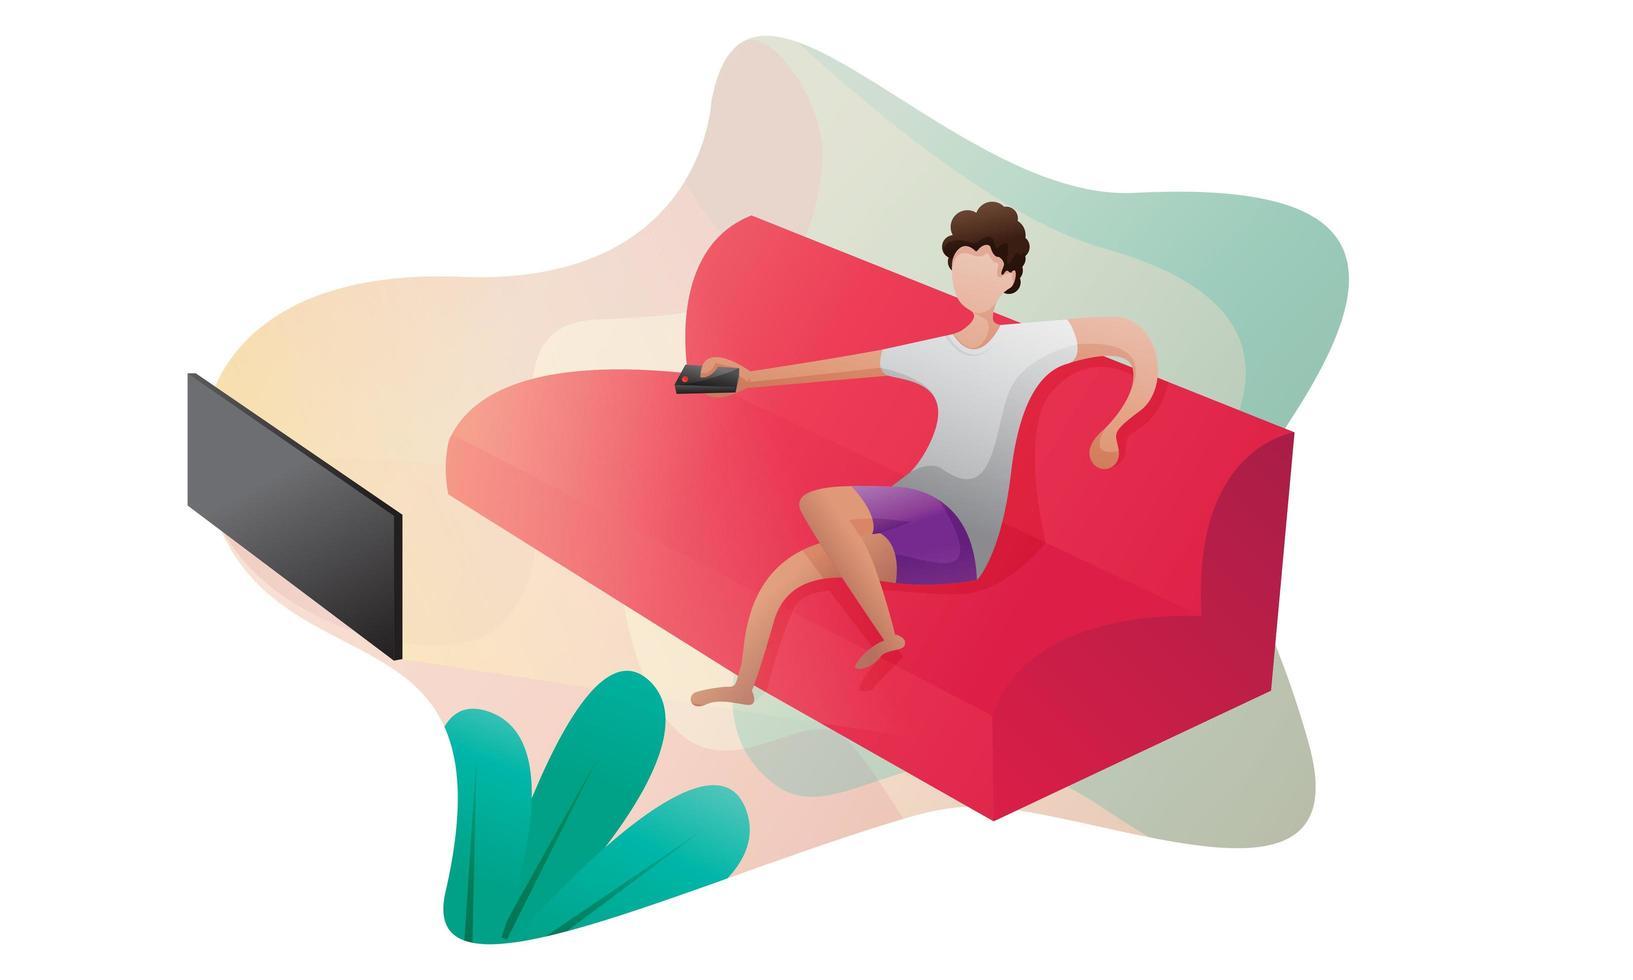 stanna hemma soffa konceptillustration vektor